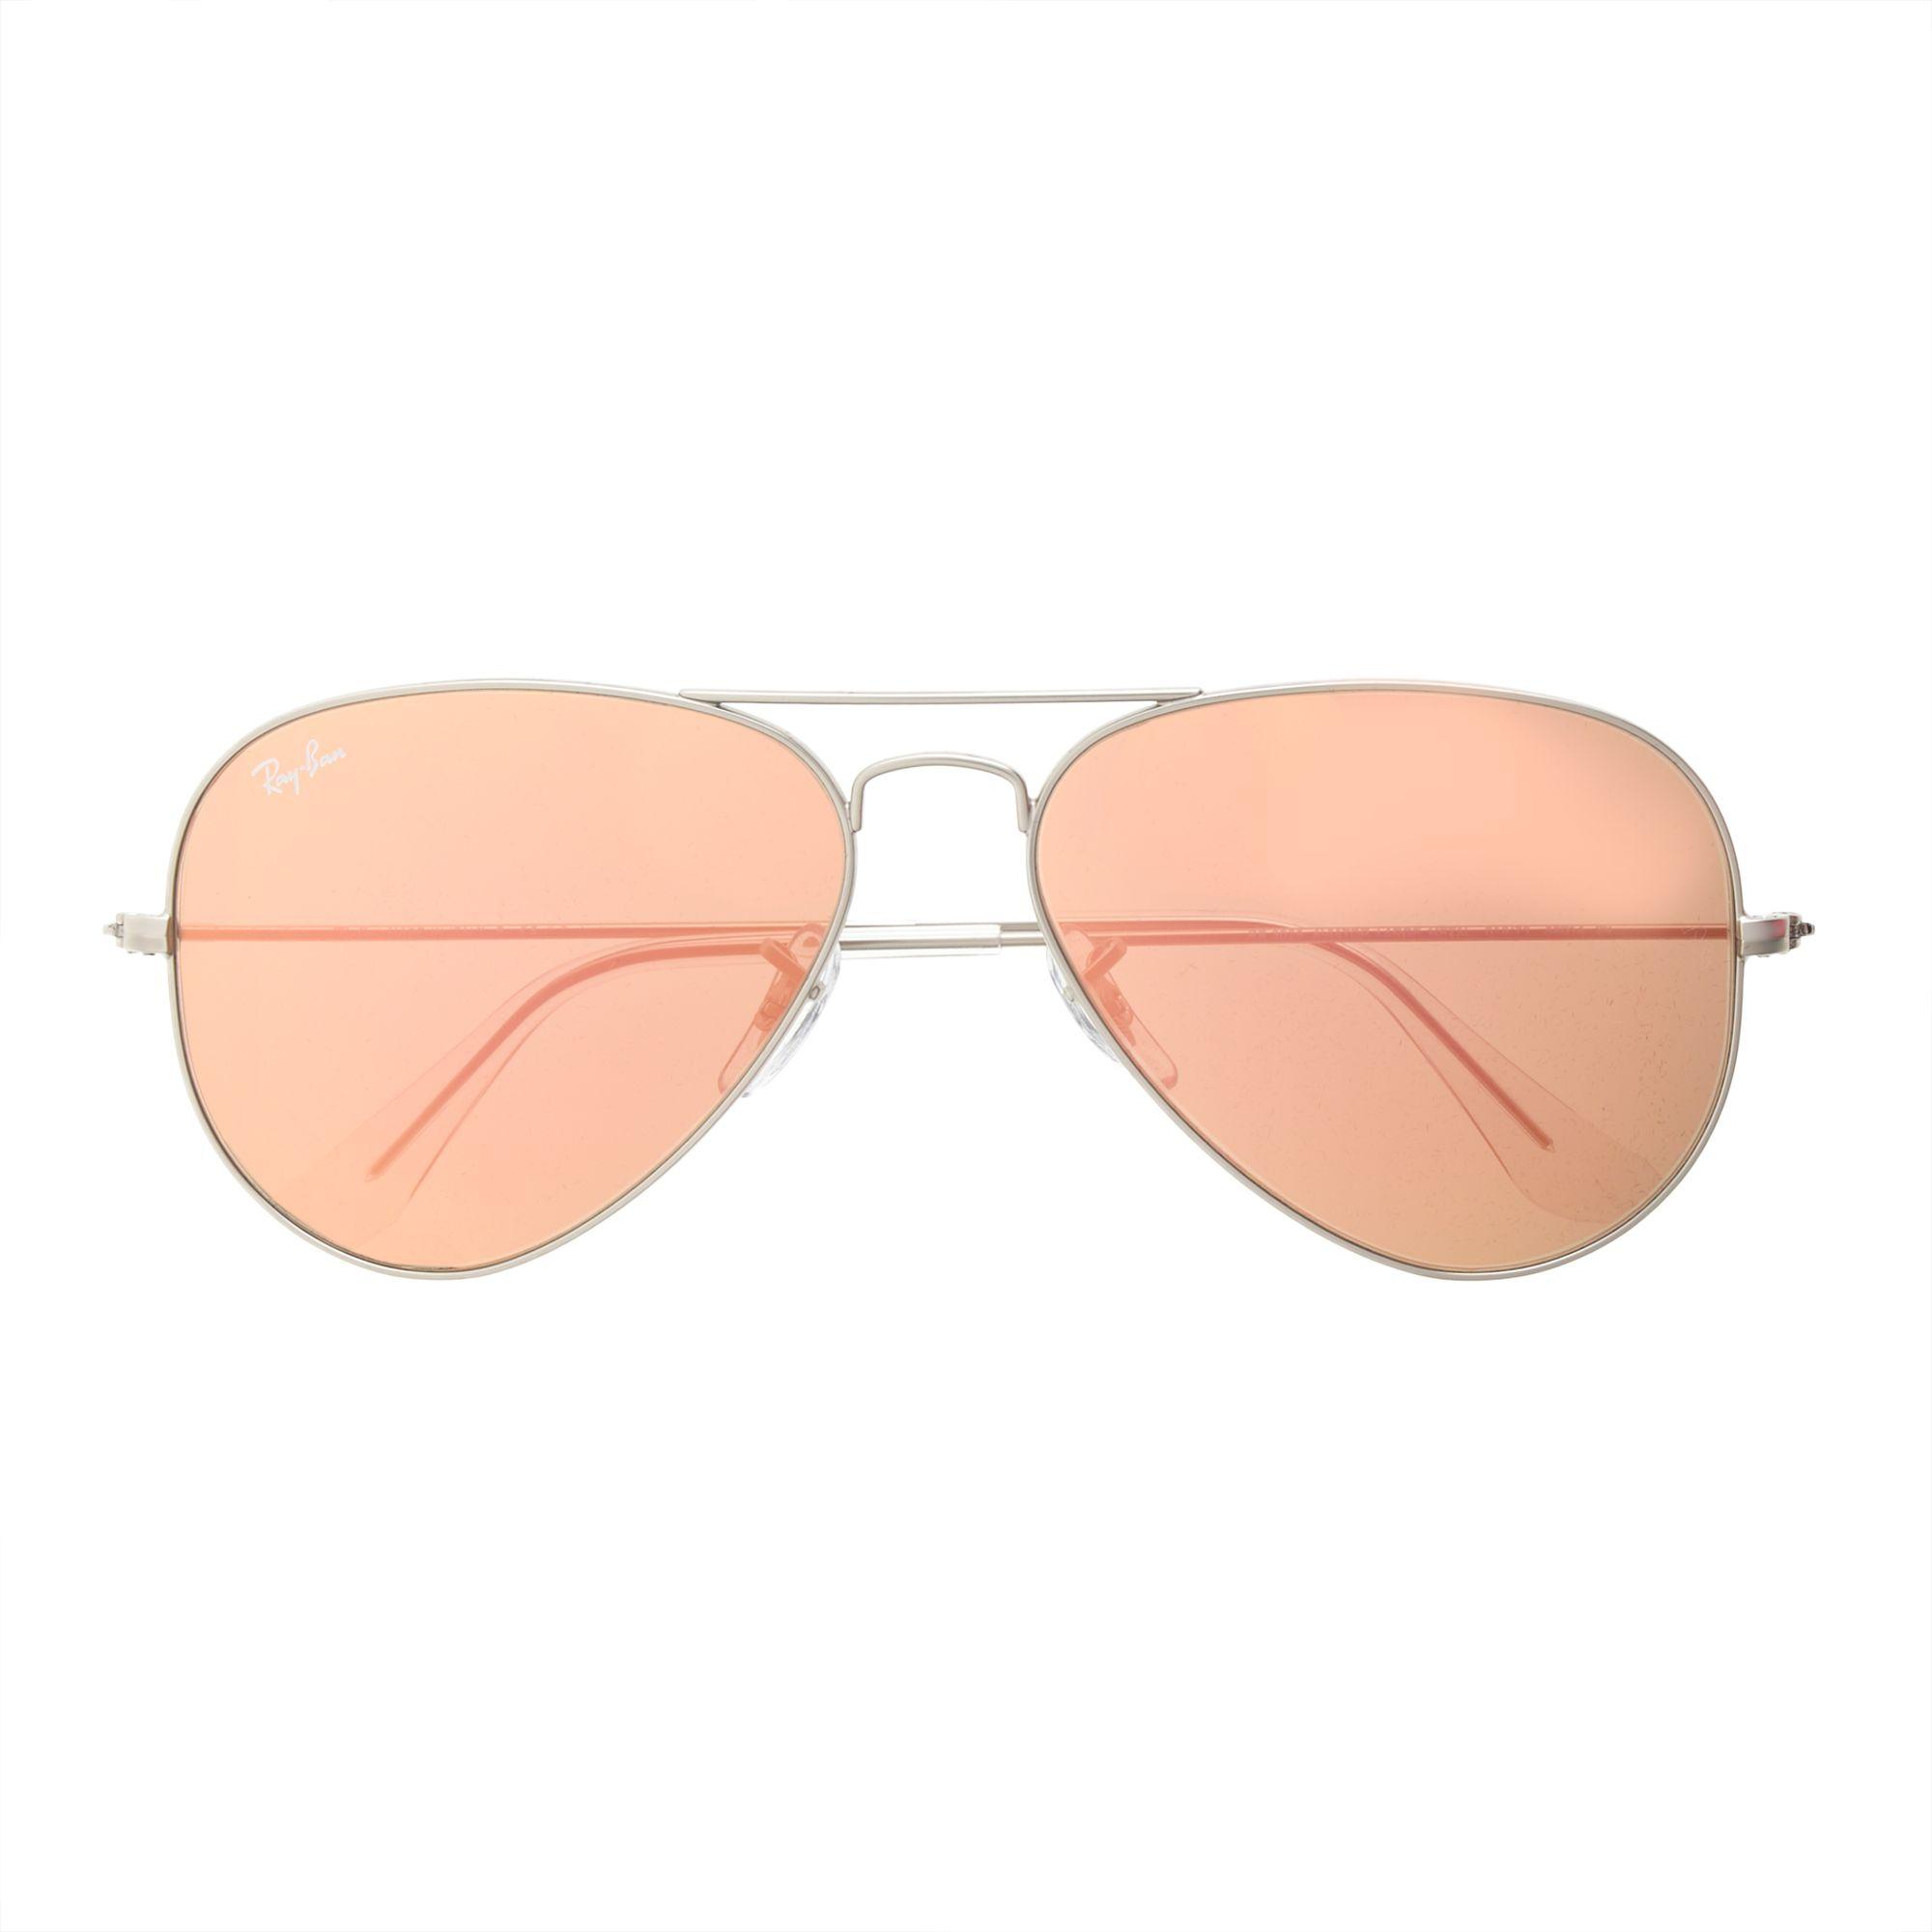 womens ray ban aviator sunglasses ygda  ray ban 3025 aviators pink lenses